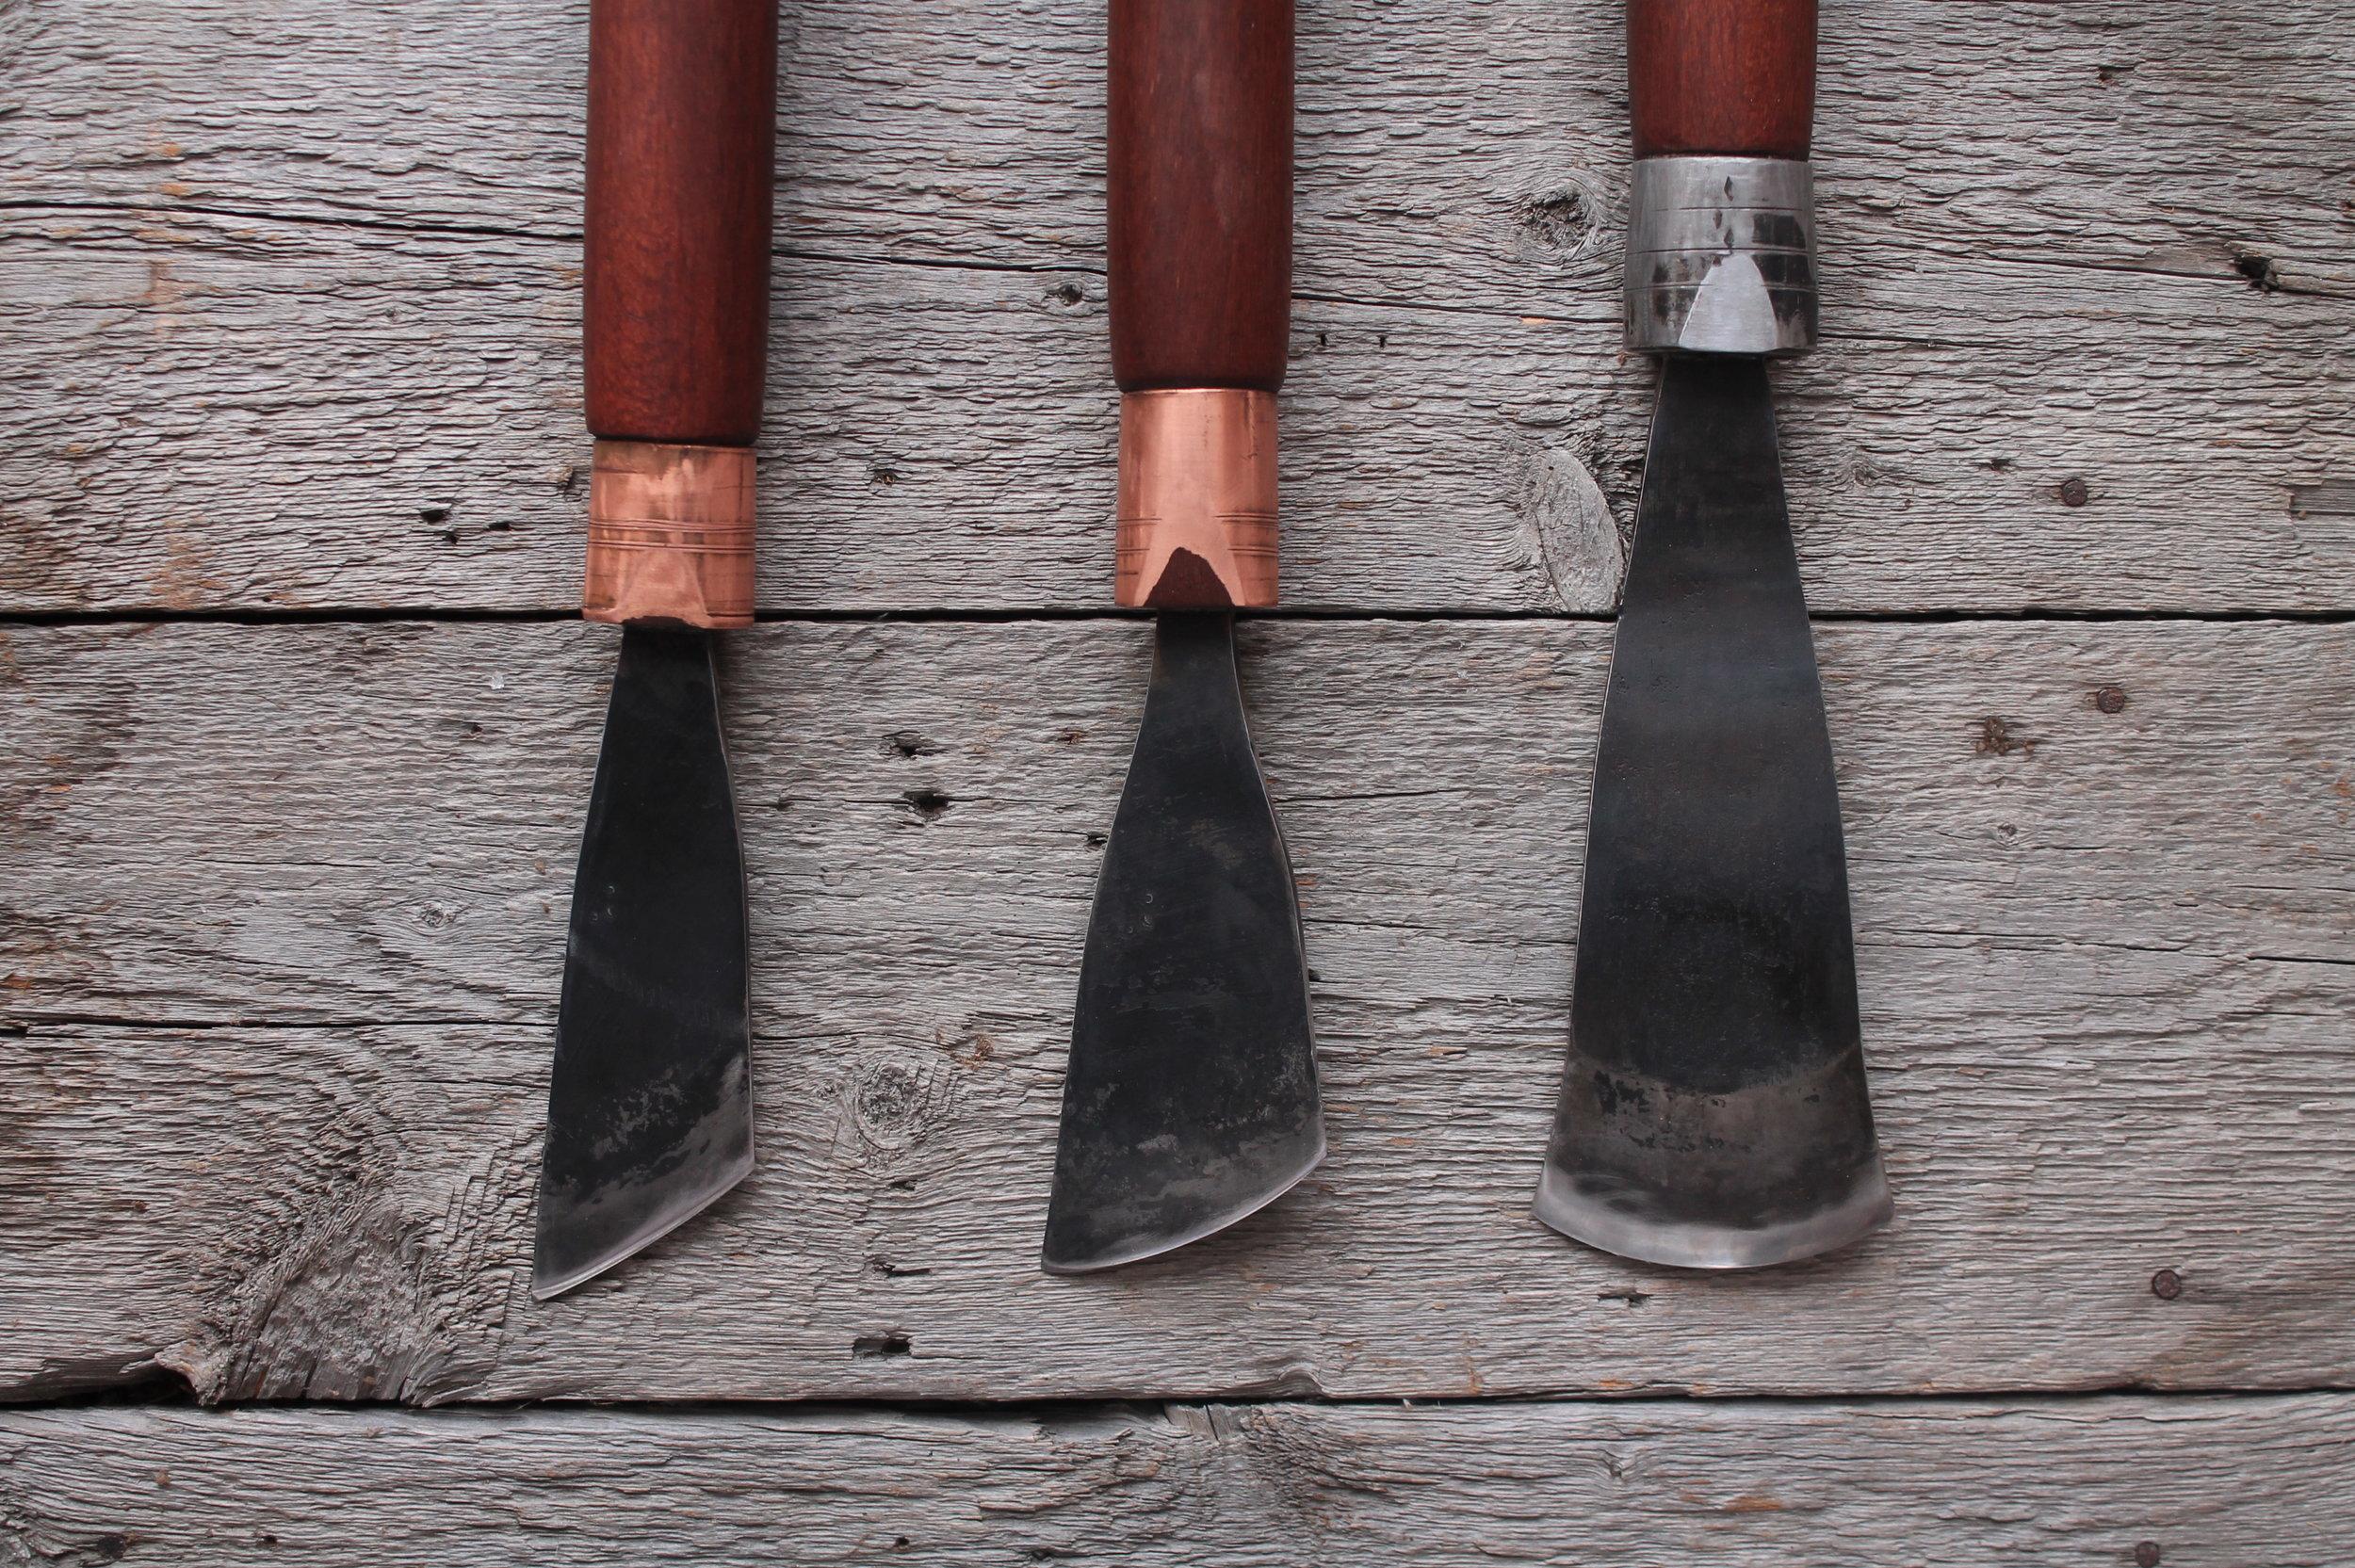 Different blade shapes, custom skews and slicks.